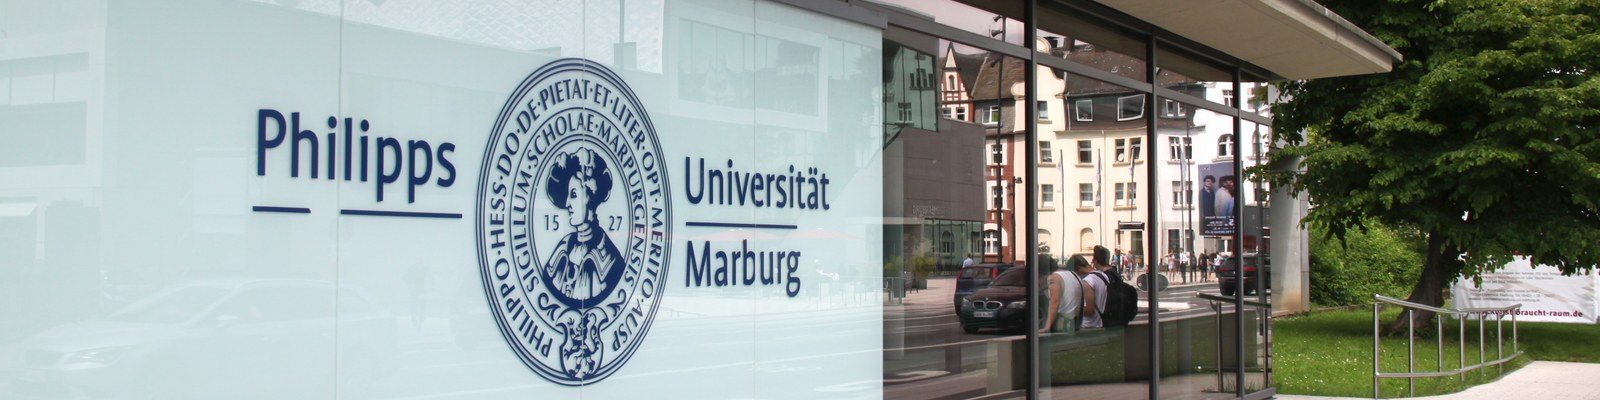 Eingang der Universitätsverwaltung